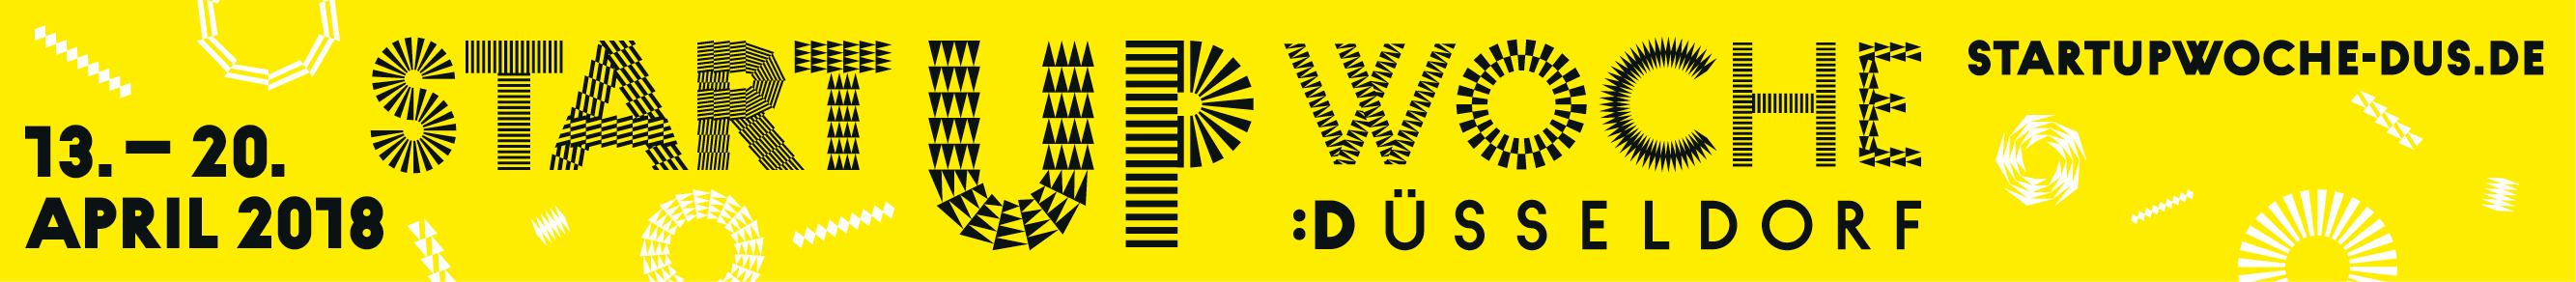 Startup-Woche Düsseldorf